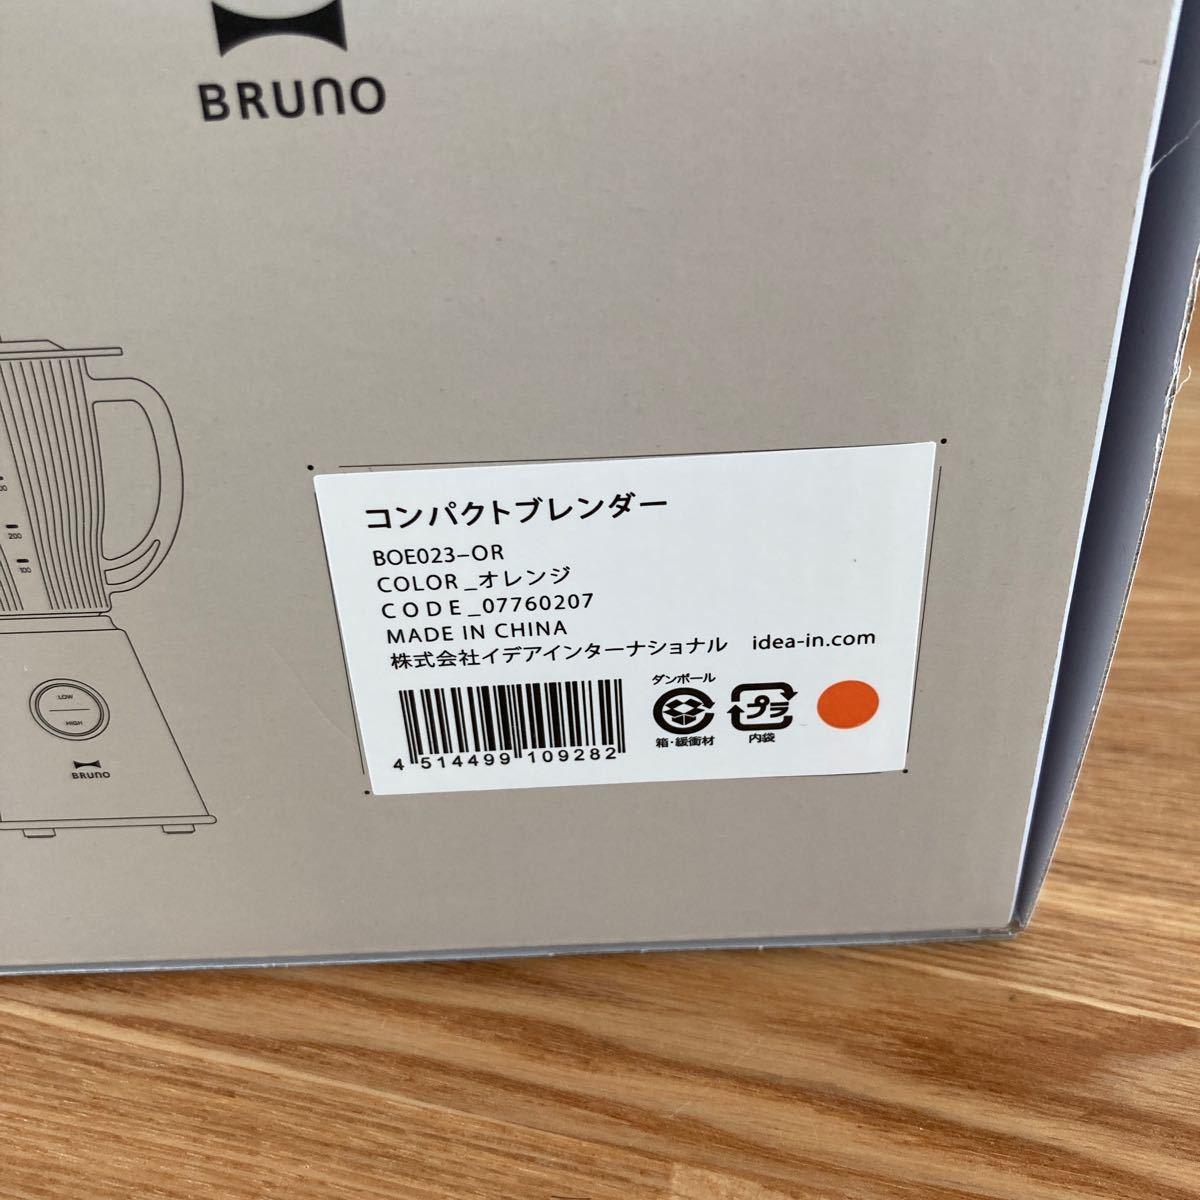 ブルーノ コンパクトブレンダー オレンジ BRUNO